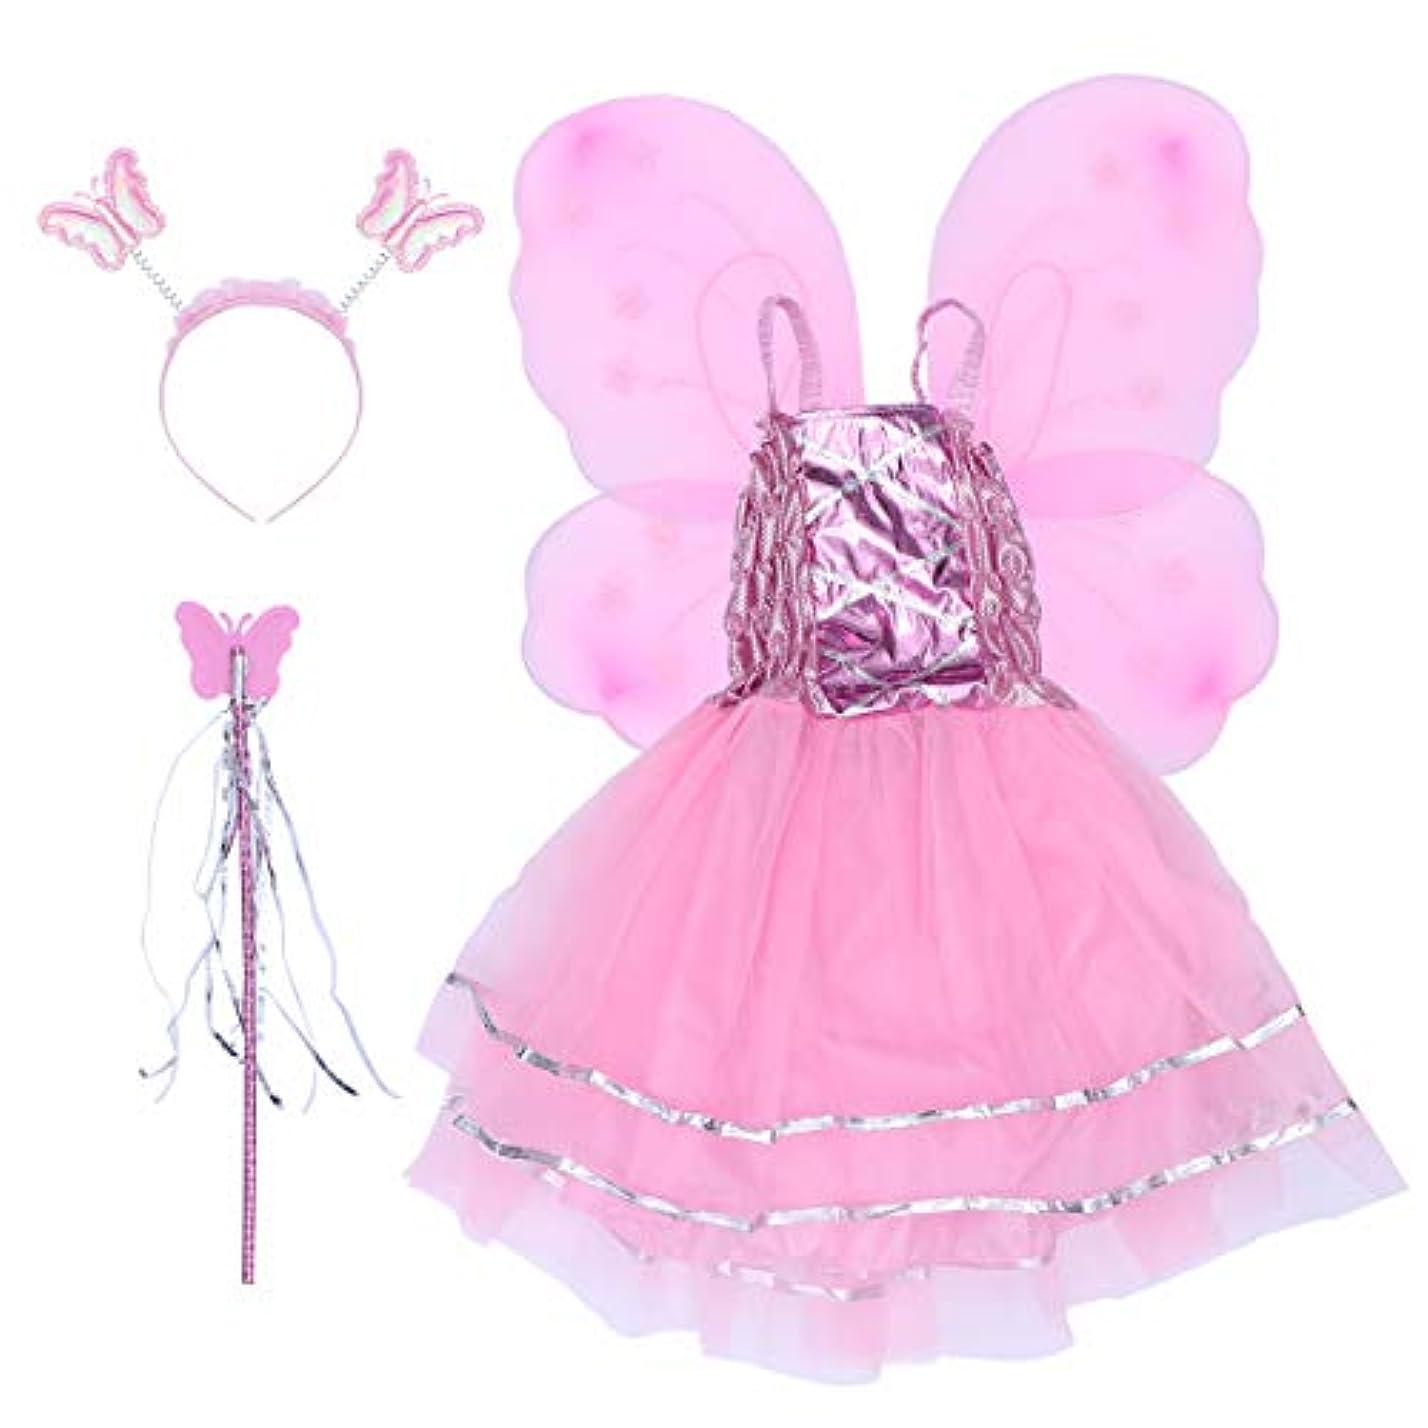 代数的誤解を招く検査官BESTOYARD 4本の女の子バタフライプリンセス妖精のコスチュームセットバタフライウィング、ワンド、ヘッドバンドとツツードレス(ピンク)